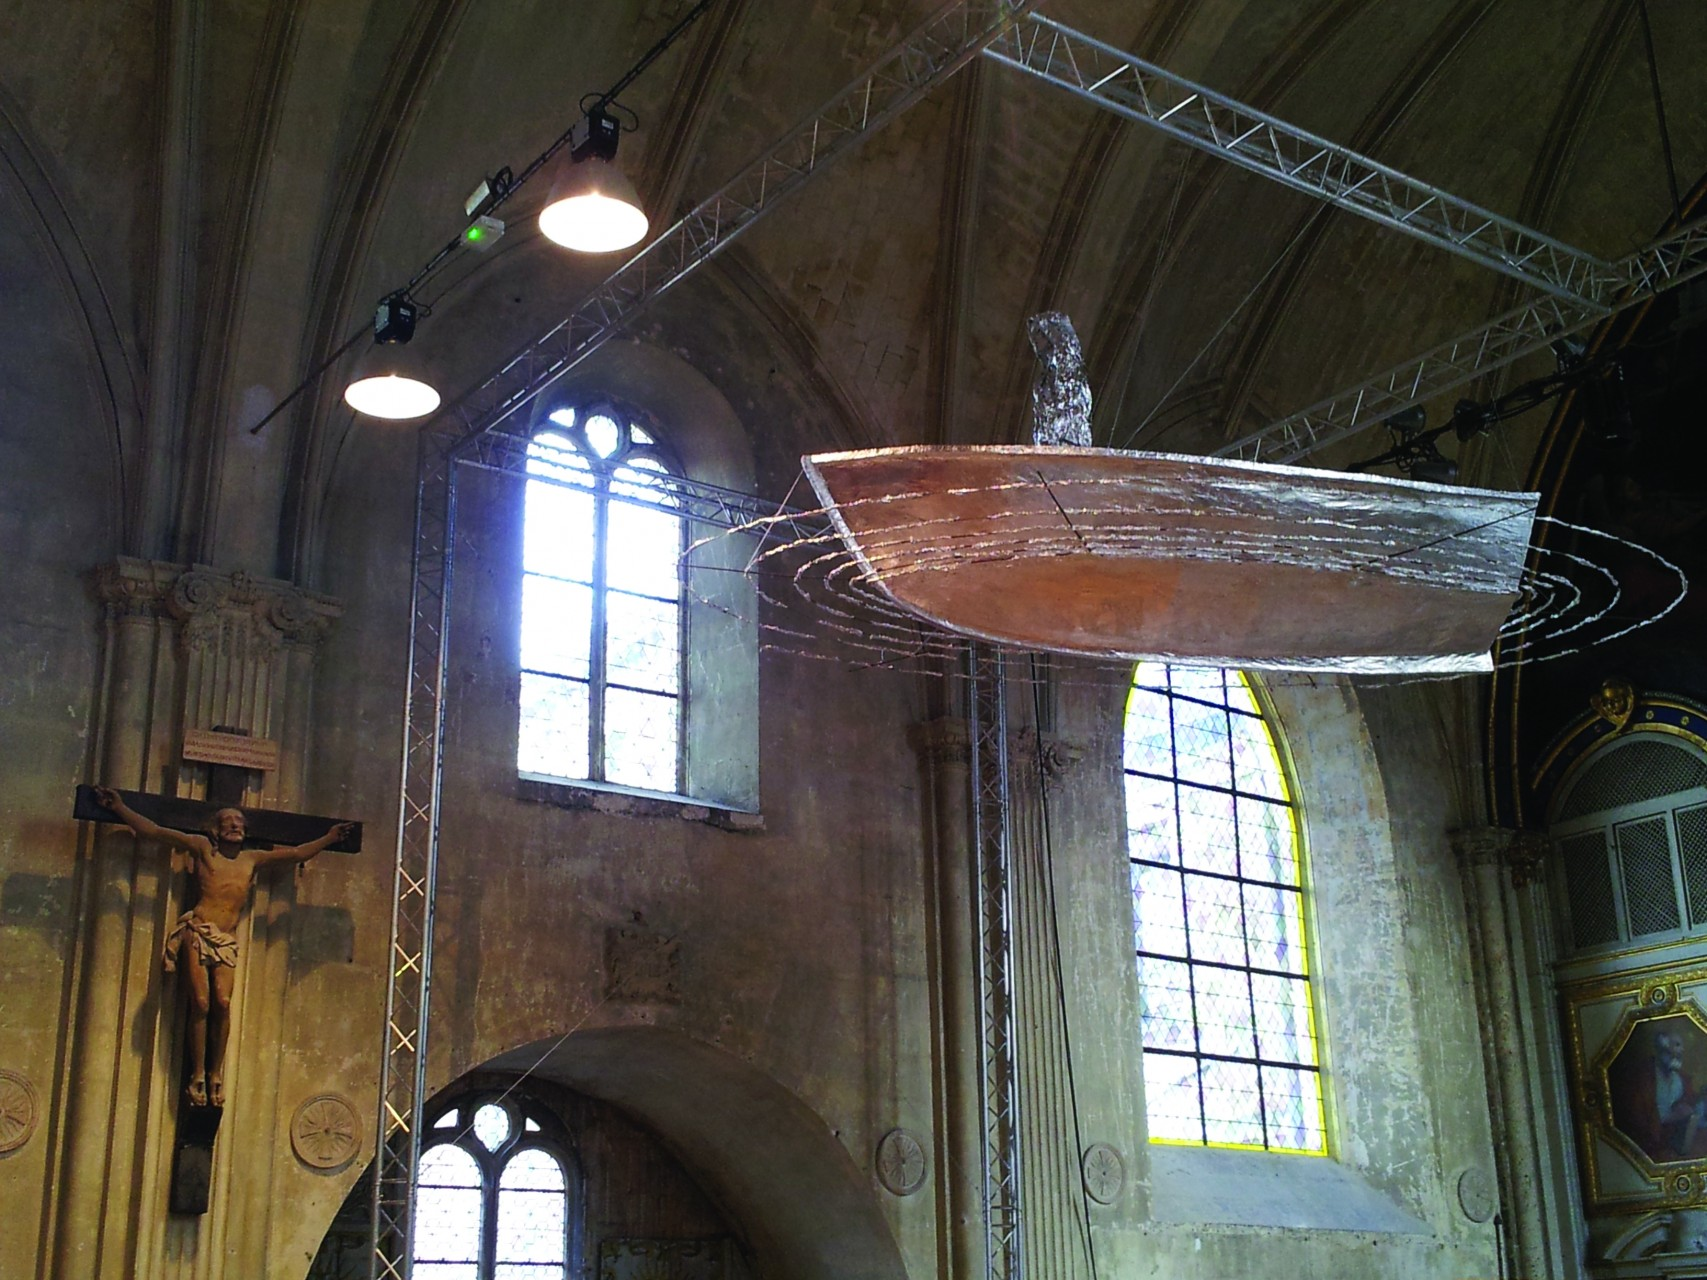 expostion-poitiers-chapelle-saint-louis-laurent-esquerre-2